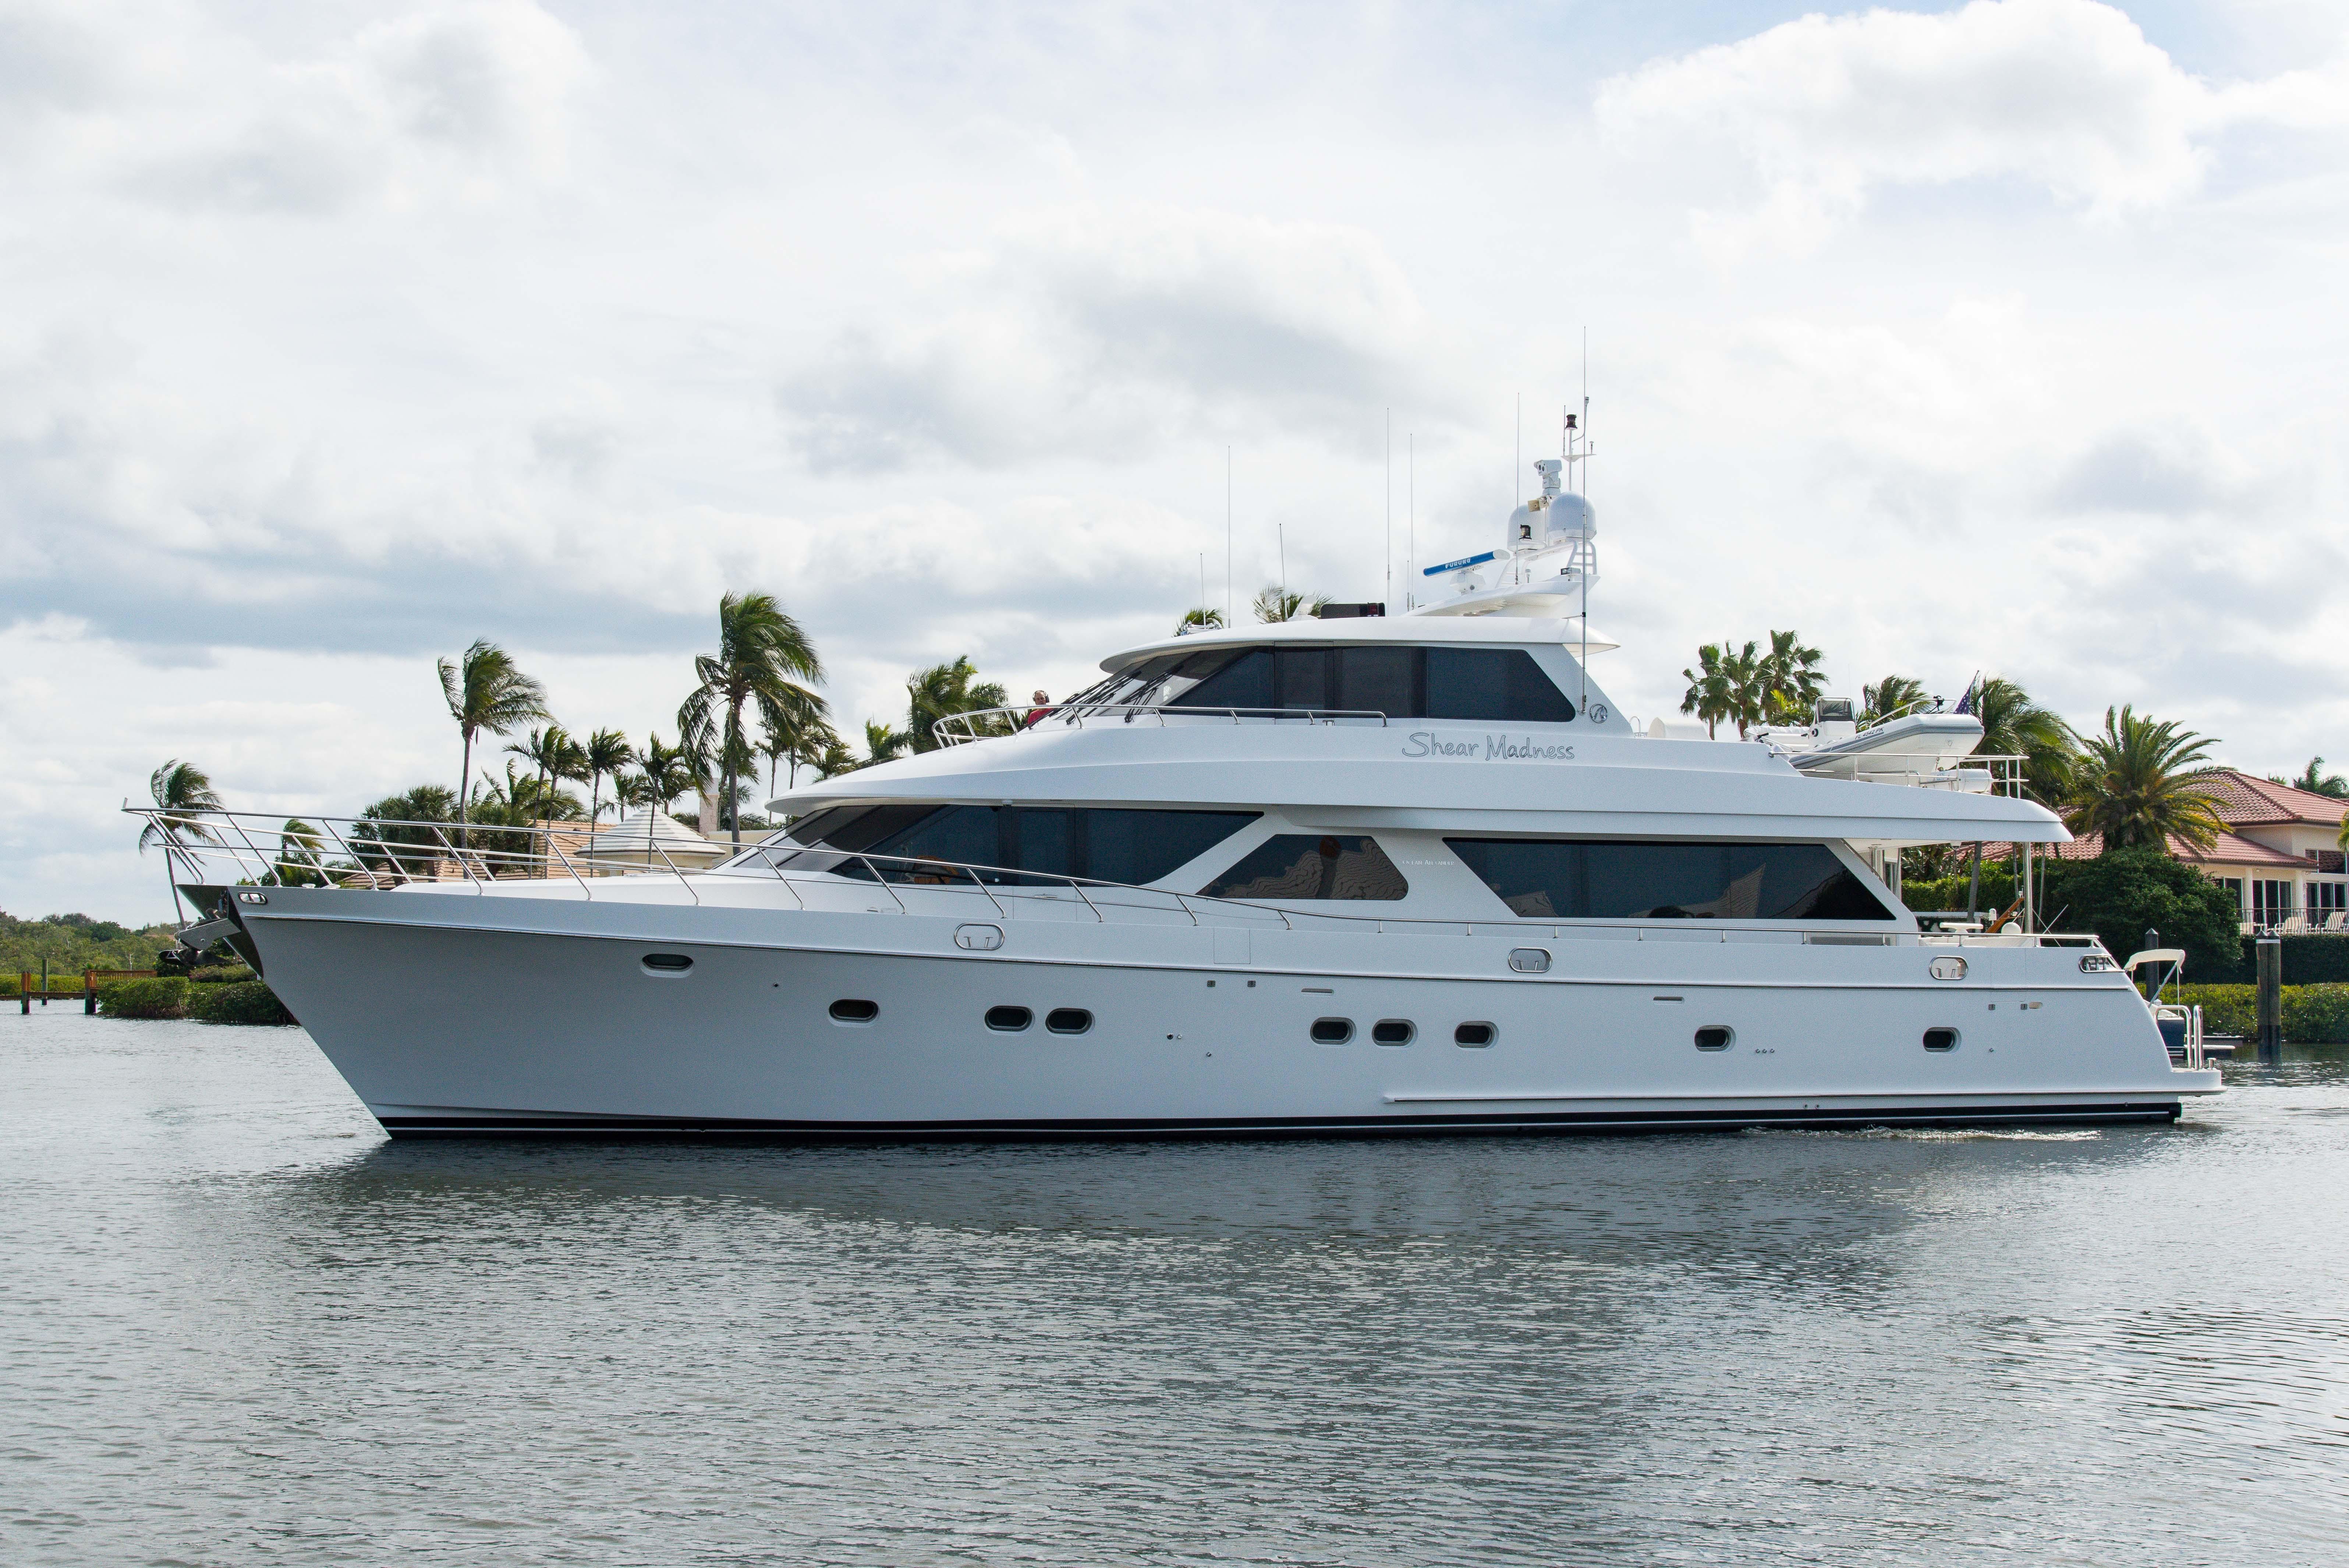 2008 Ocean Alexander Motor Yacht, Jupiter Florida - boats com